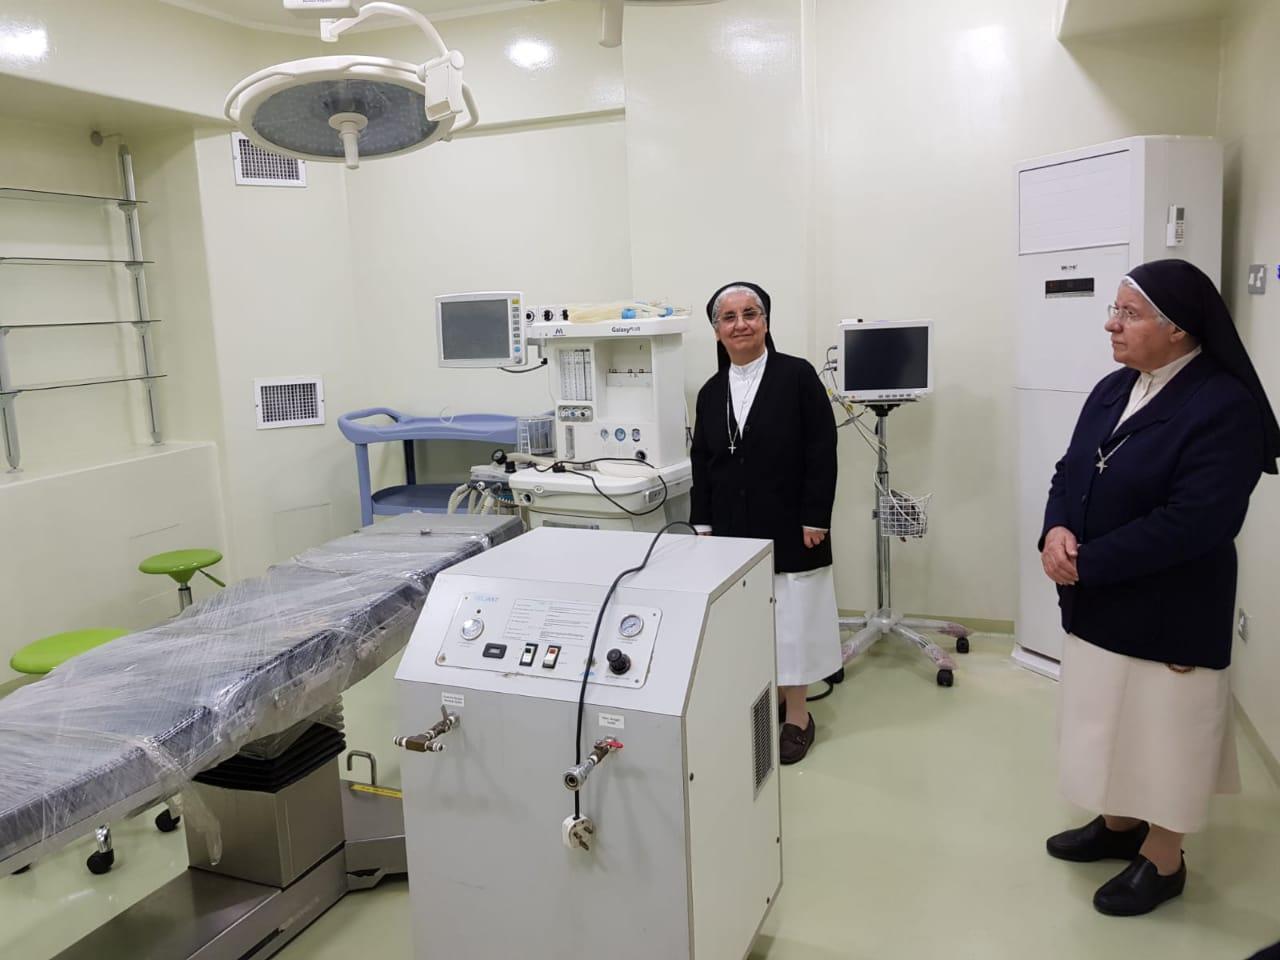 Fraternité en Irak soutient le principal hôpital de Bagdad par l'achat d'équipements vitaux